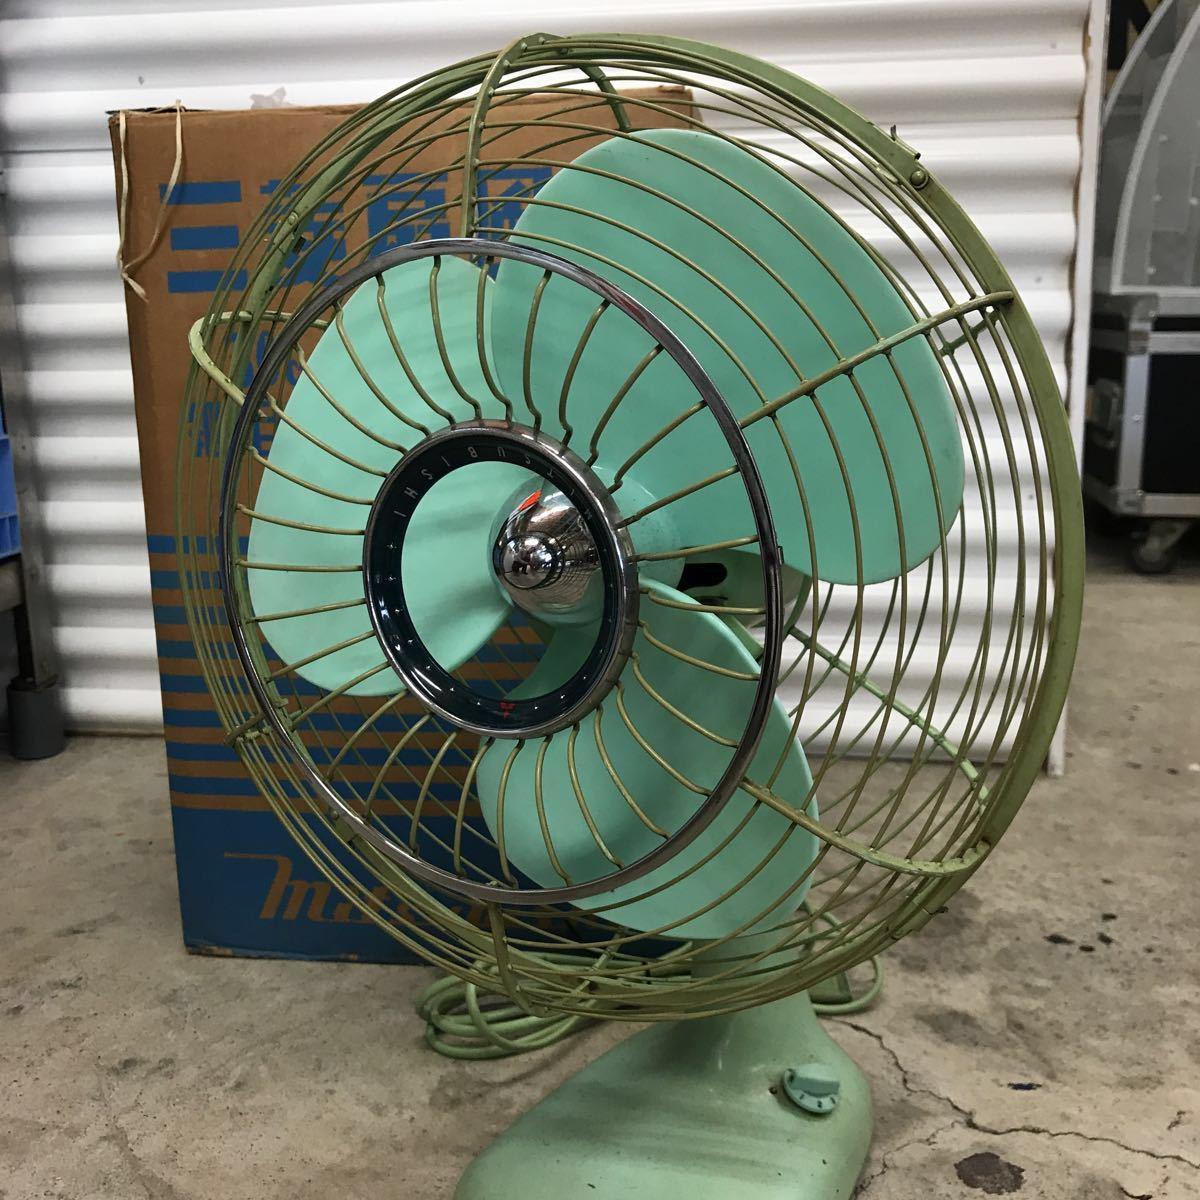 MITUBISHI 三菱 扇風機 稼働品 元箱付 細目標準扇 30cm レトロ扇風機 昭和レトロ アンティーク 当時物 レア